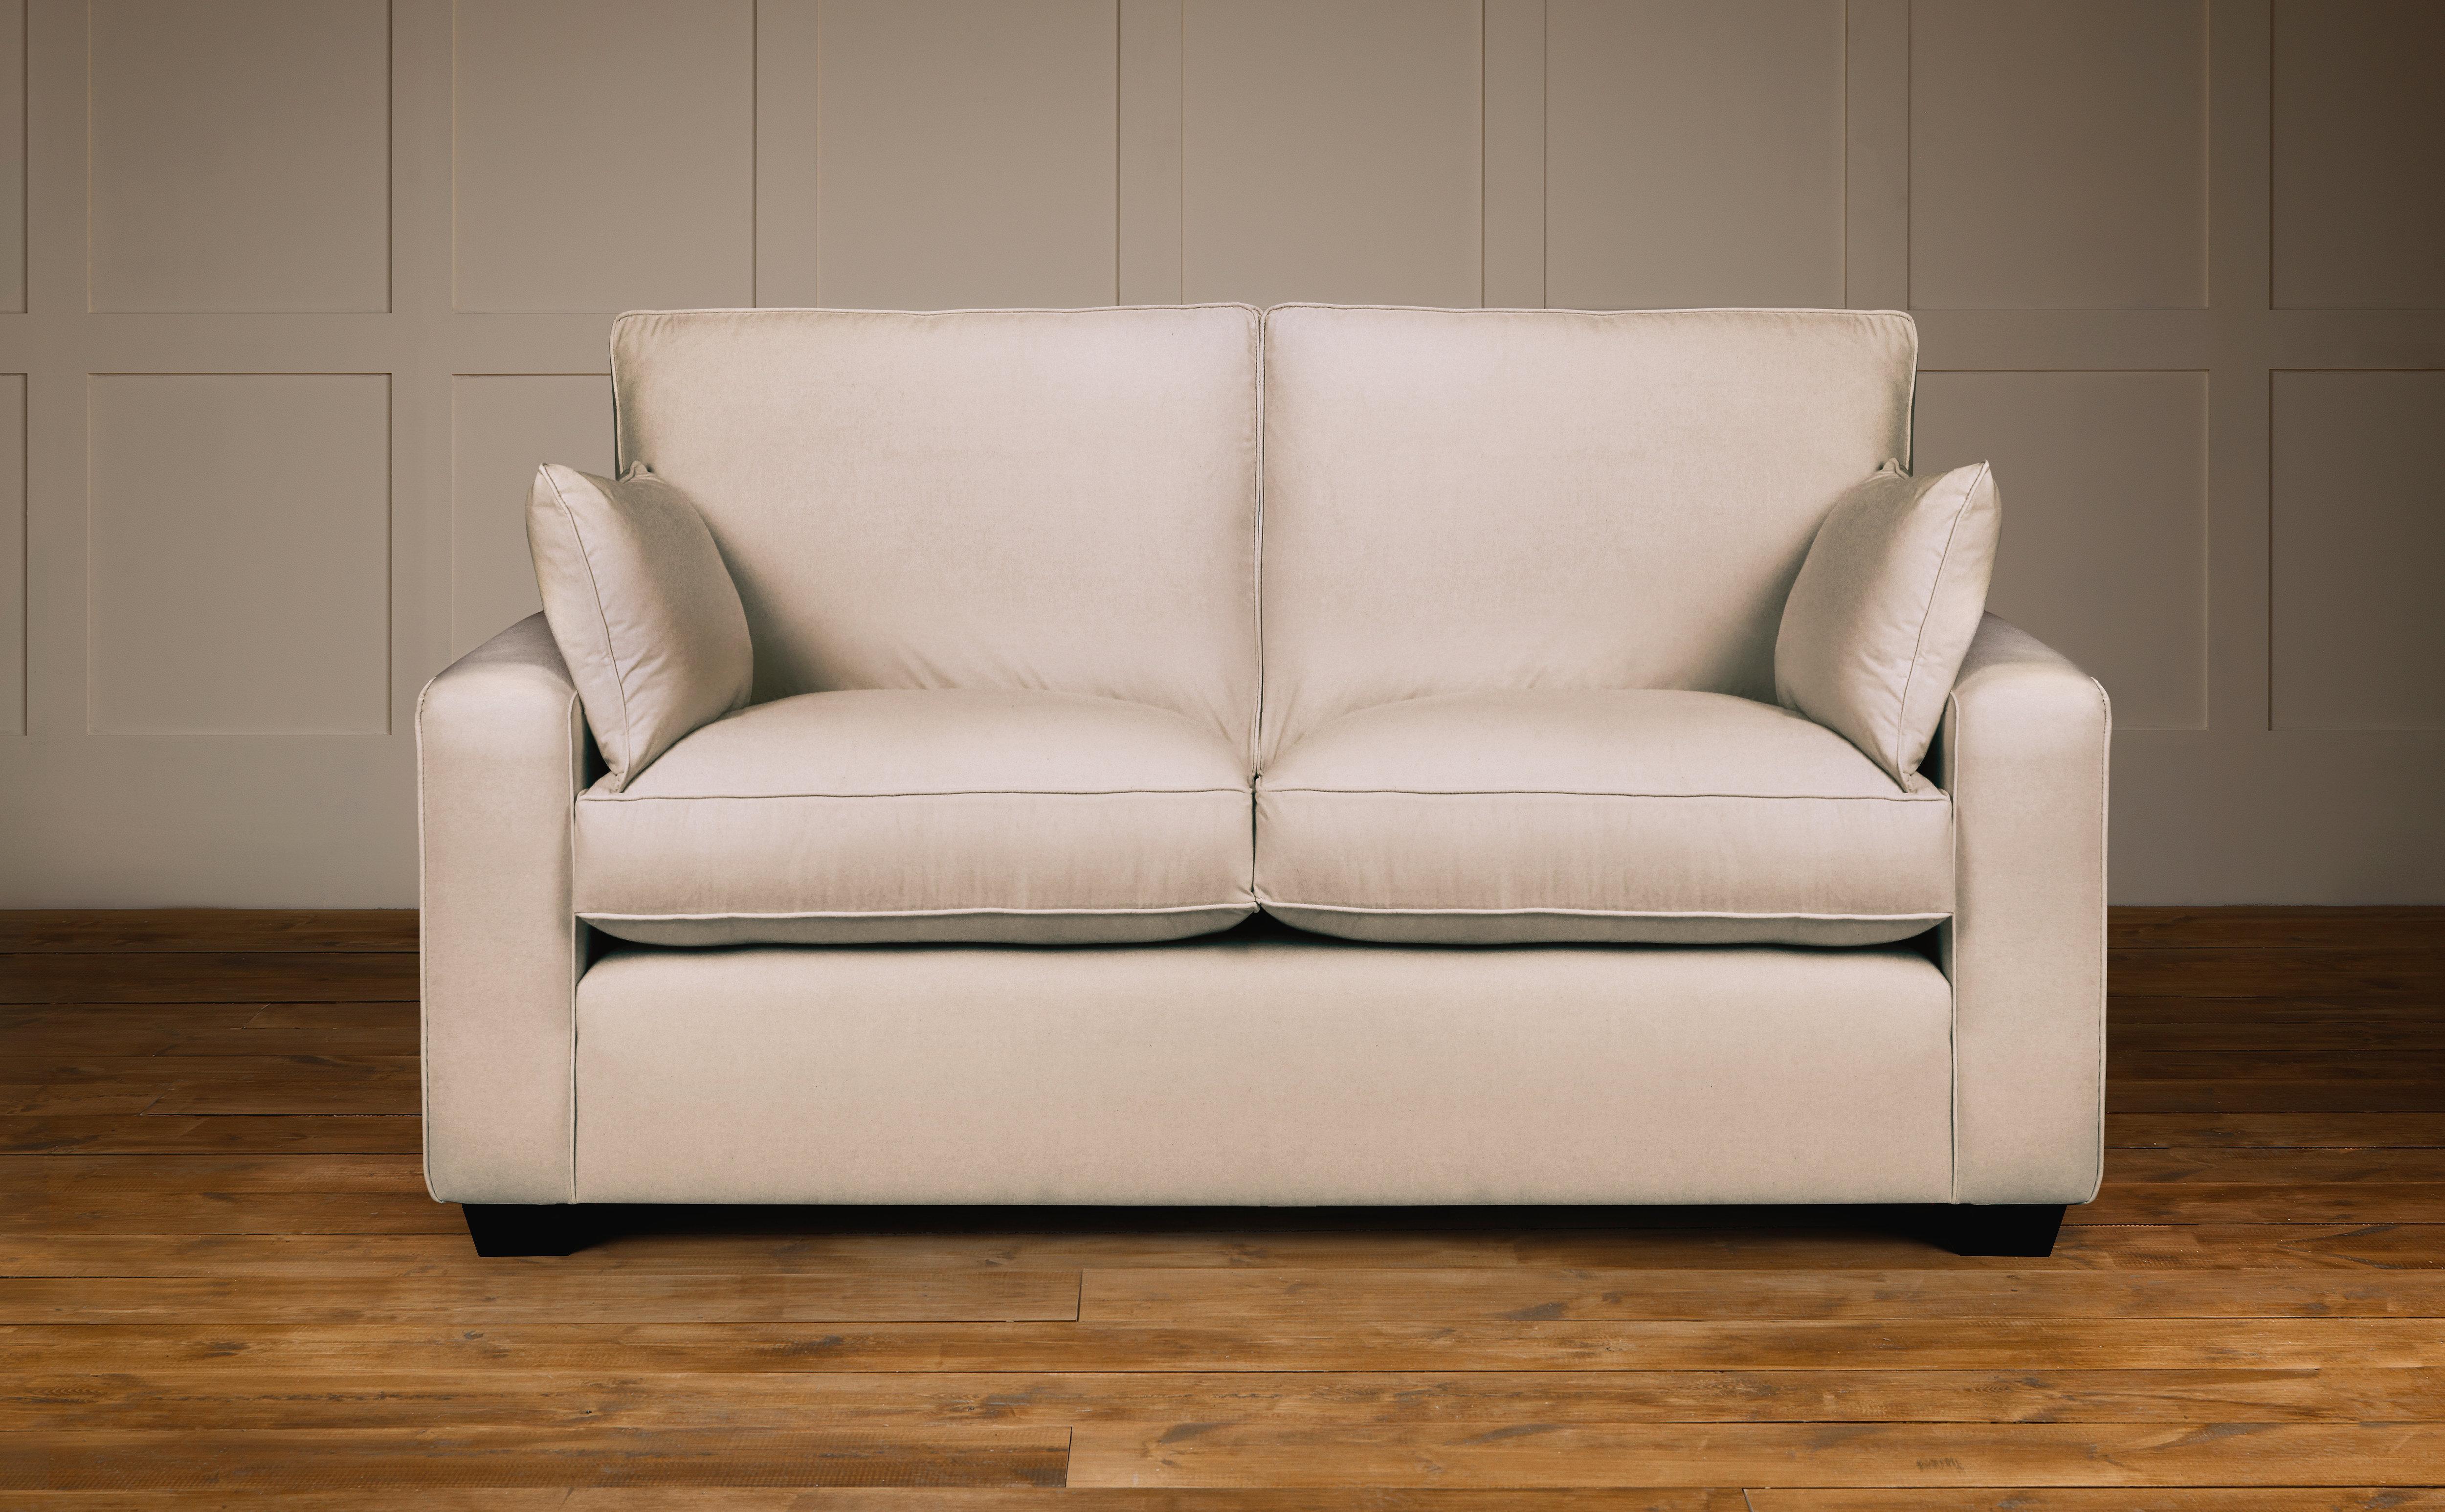 Wickham Sofa Revival By Design